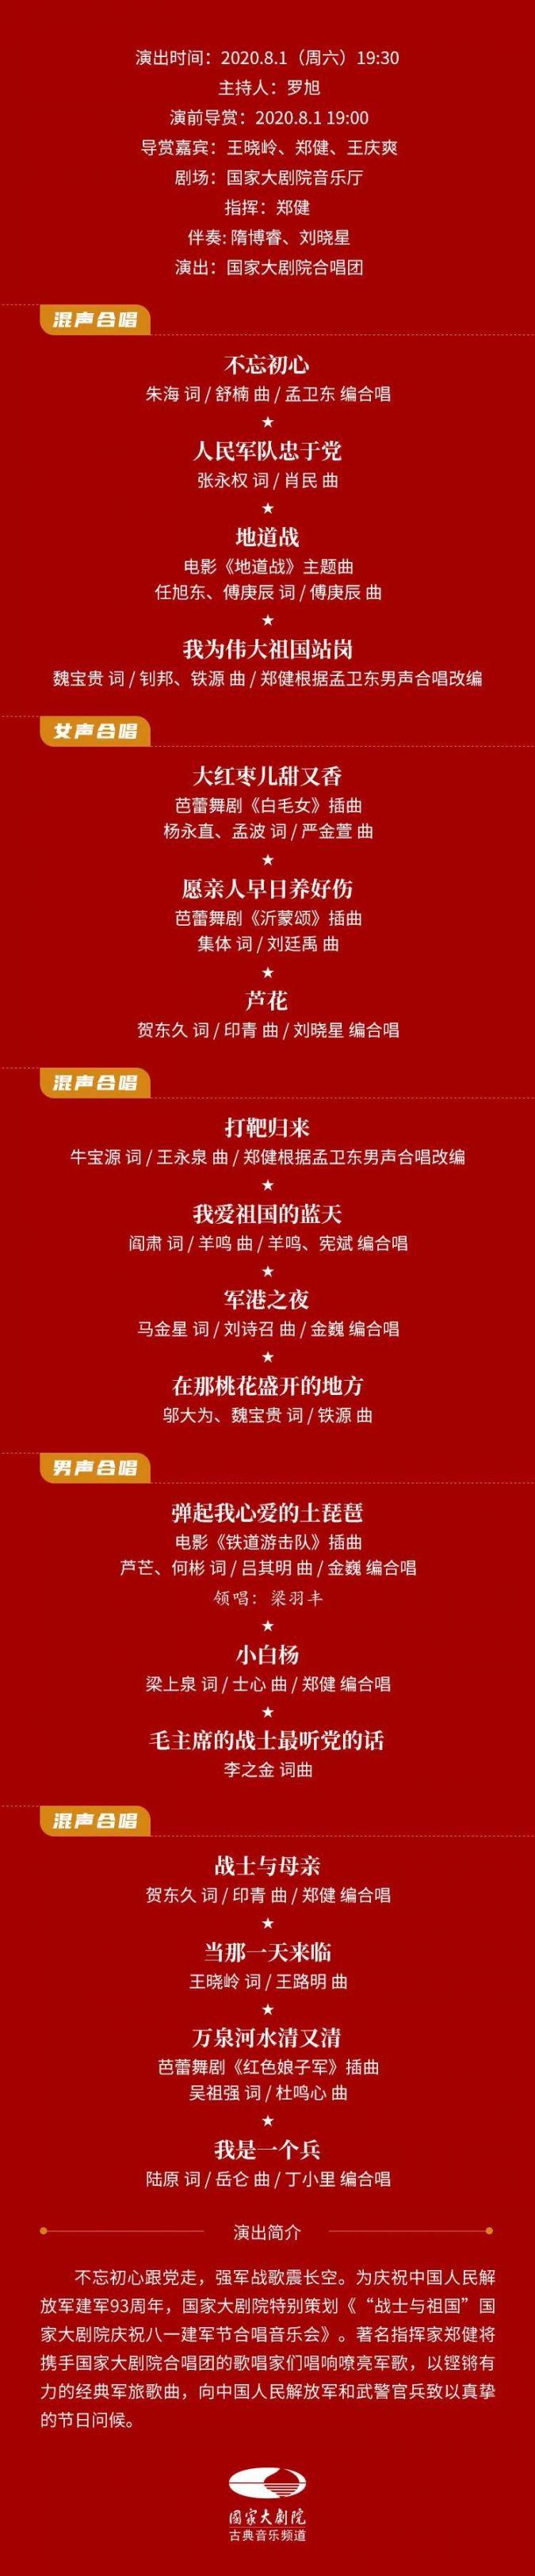 2020战士与祖国庆祝八一建军节合唱音乐会(嘉宾阵容 节目单)